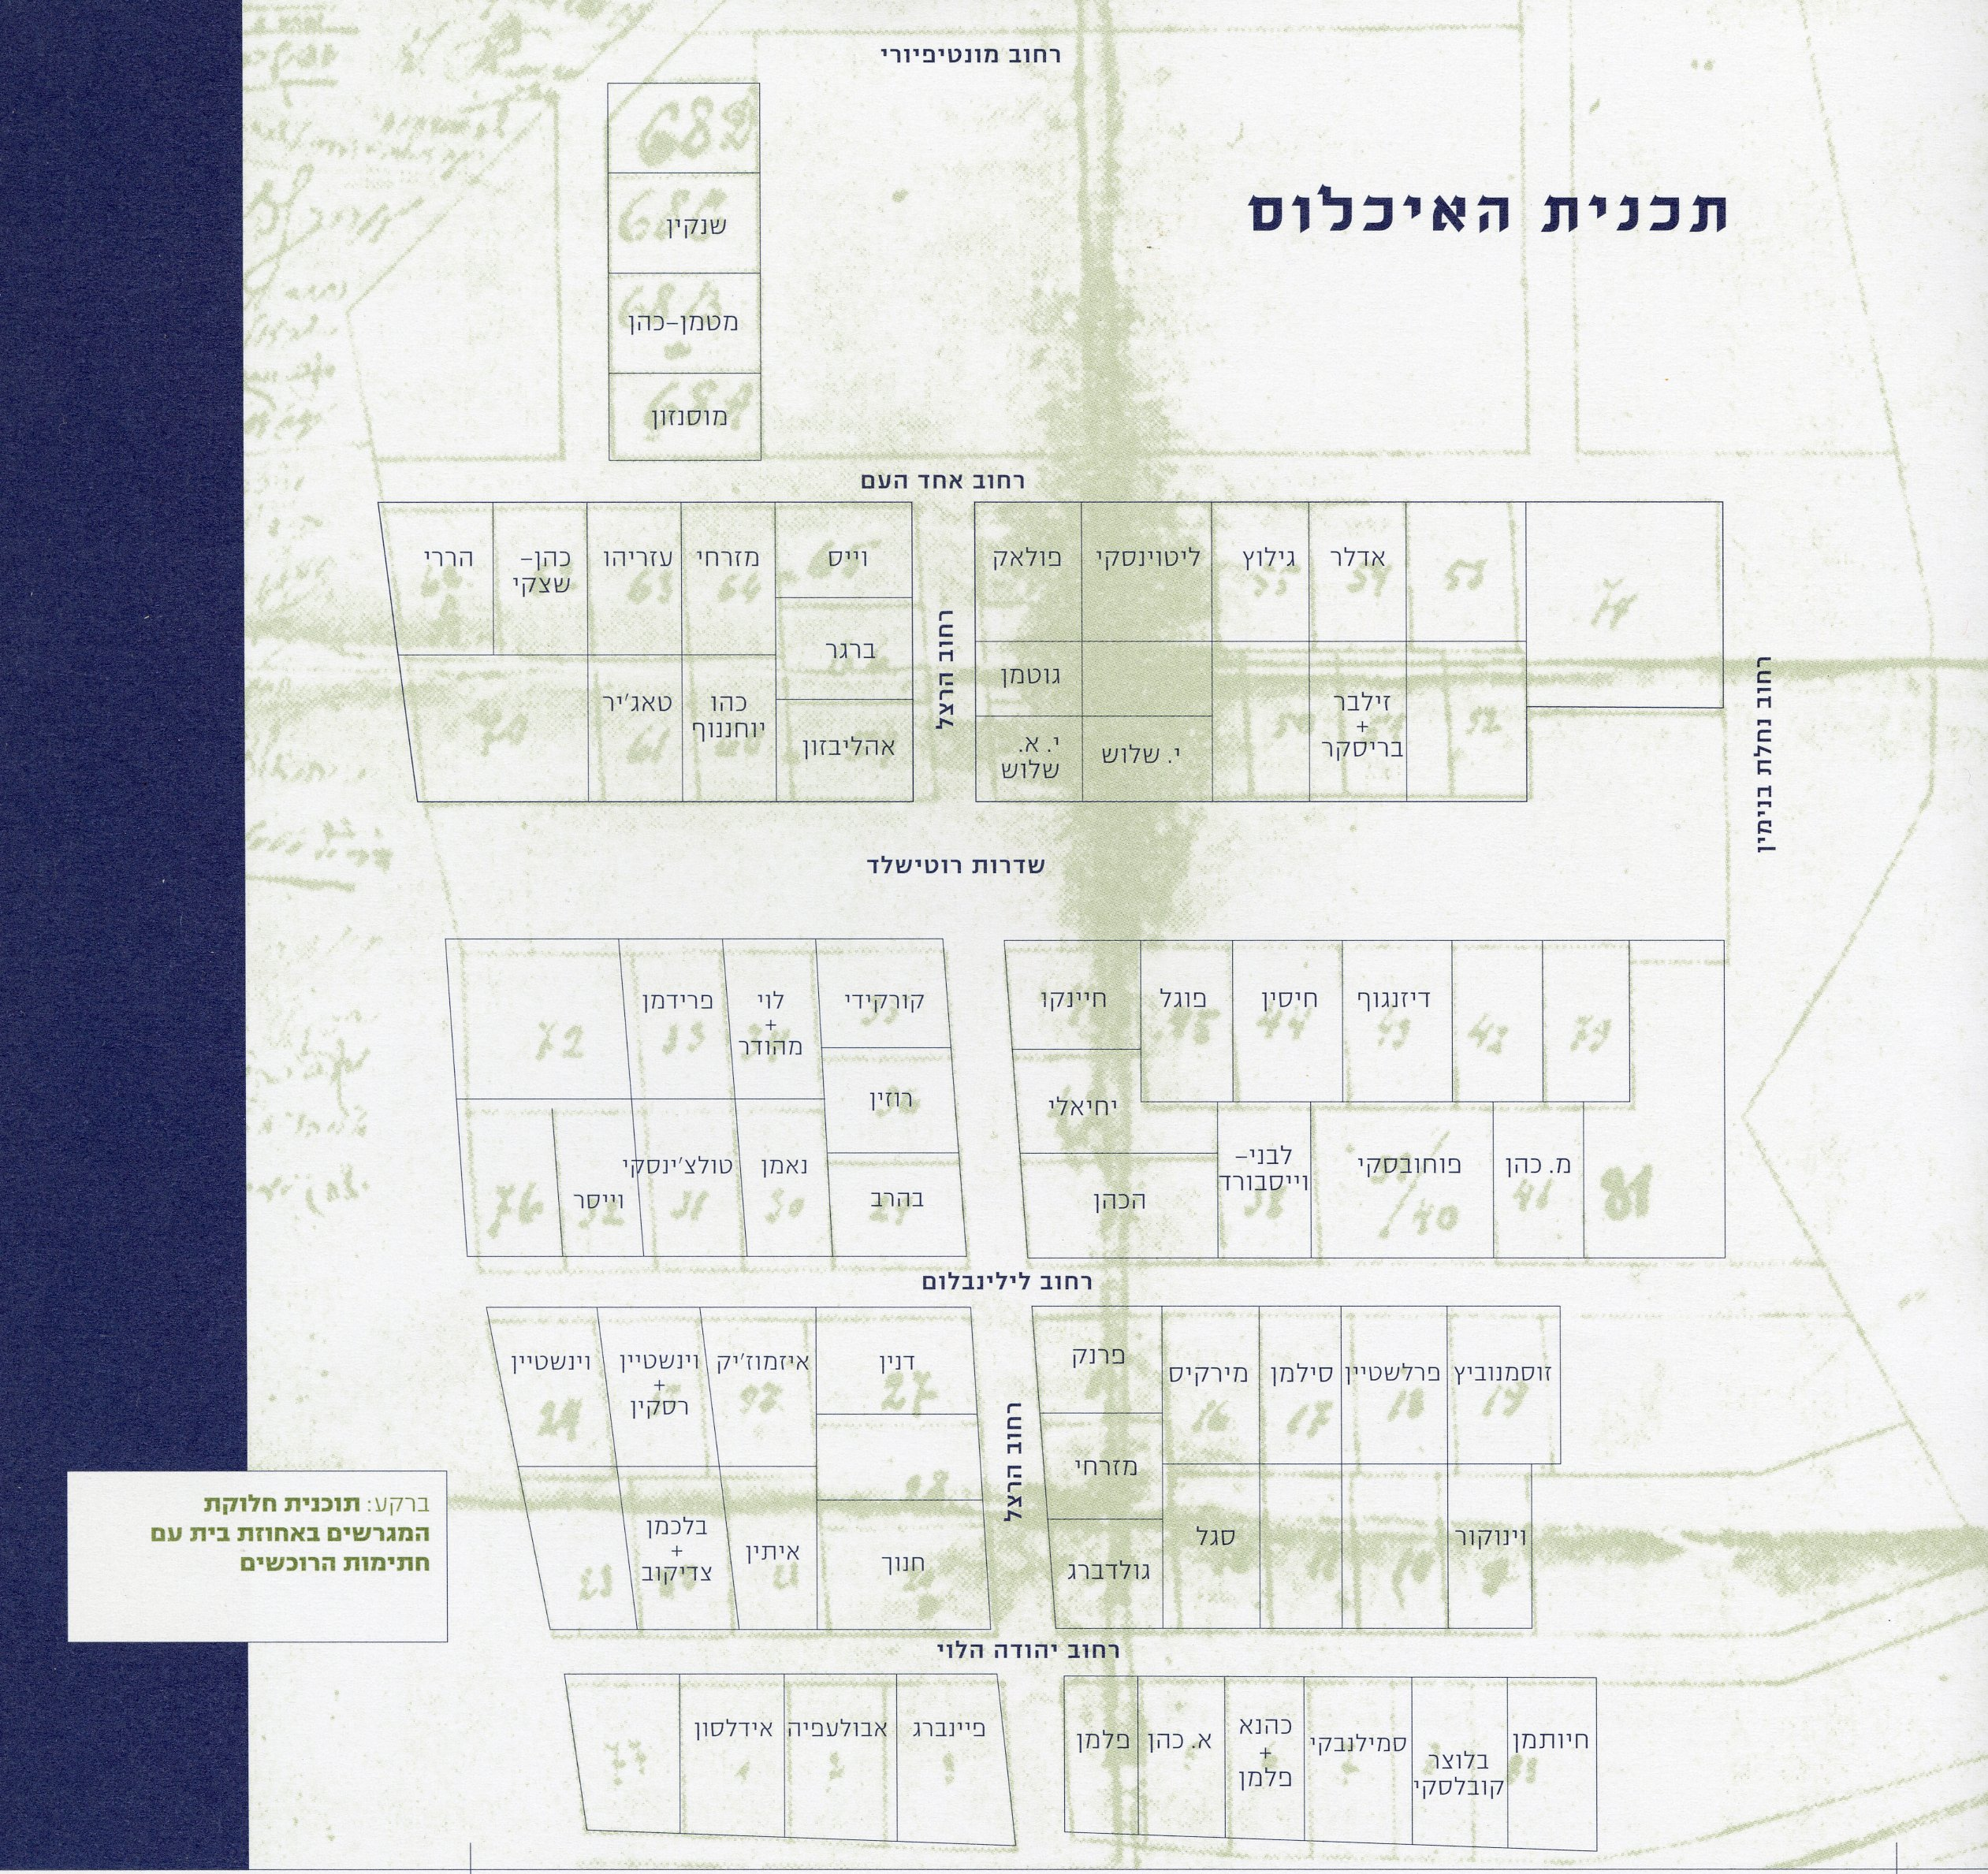 תוכנית חלוקת המגרשים באחוזת-בית חוברת אחוזה שהיתה לעיר תיקיה תל-אביב עד שנת 1948